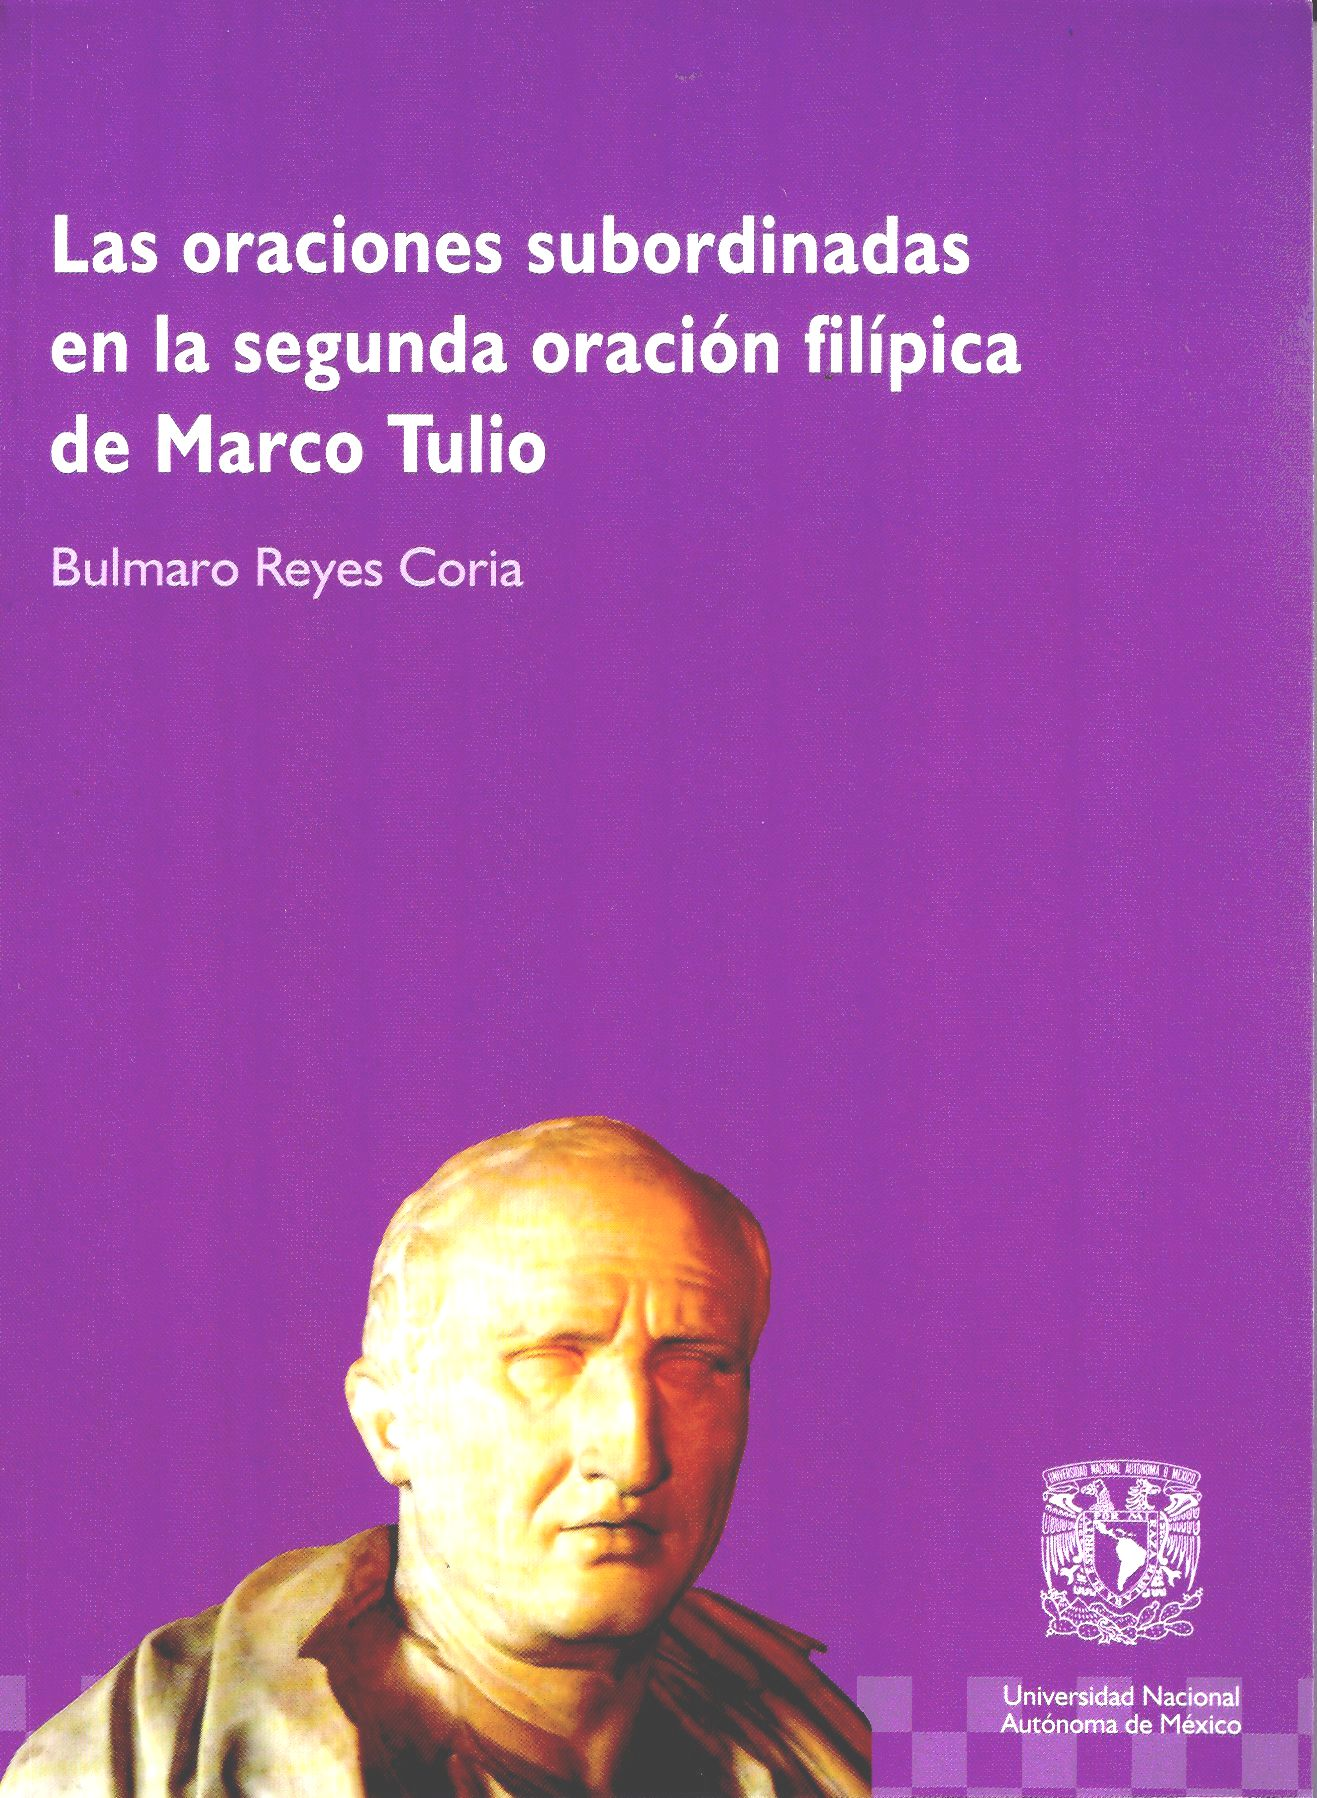 Las oraciones subordinadas en la segunda oración filípica de Marco Tulio